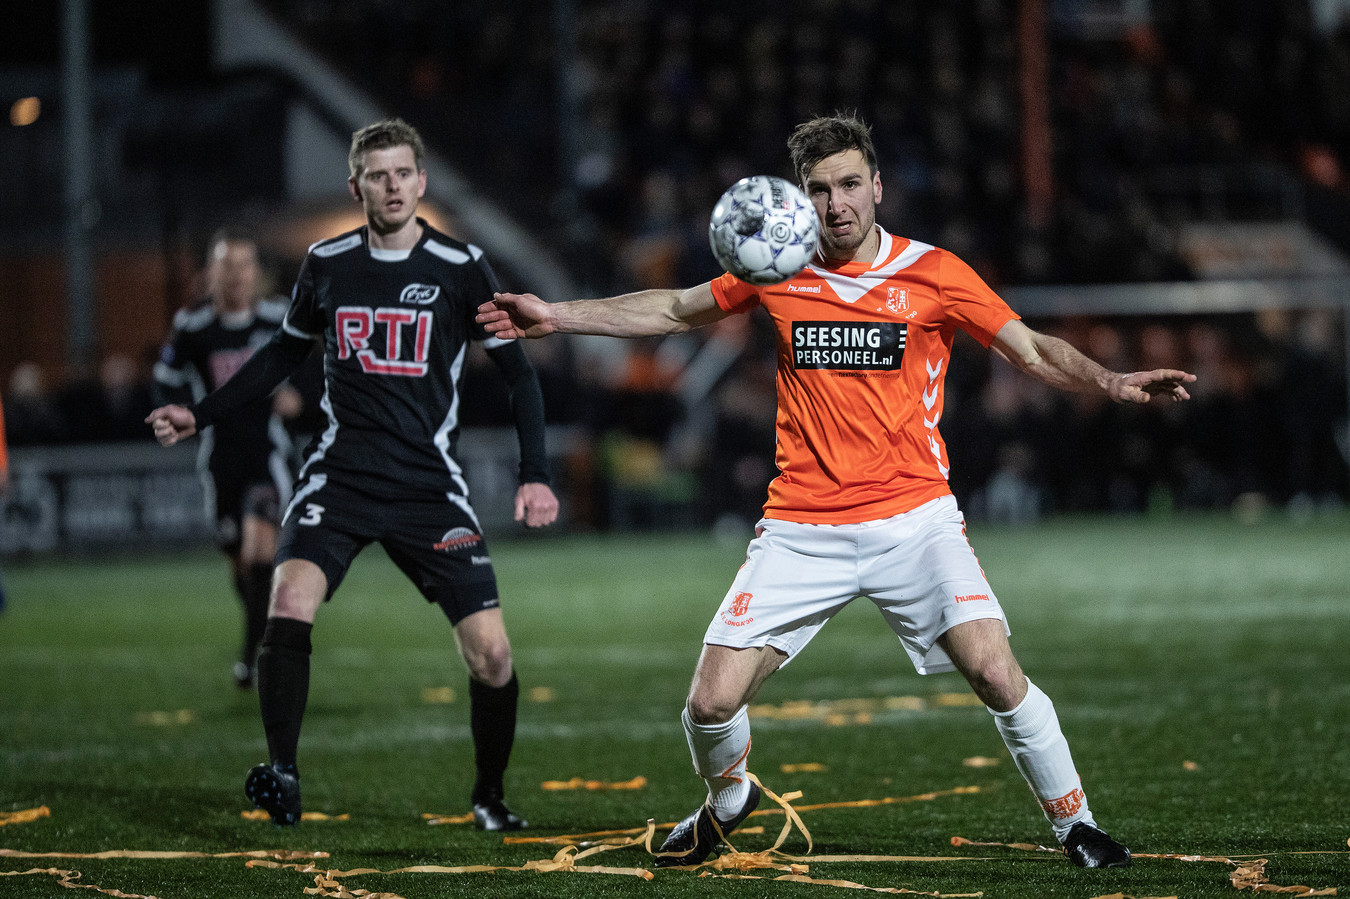 De KNVB hoopt nog op het uitspelen van de competities in het amateurvoetbal.